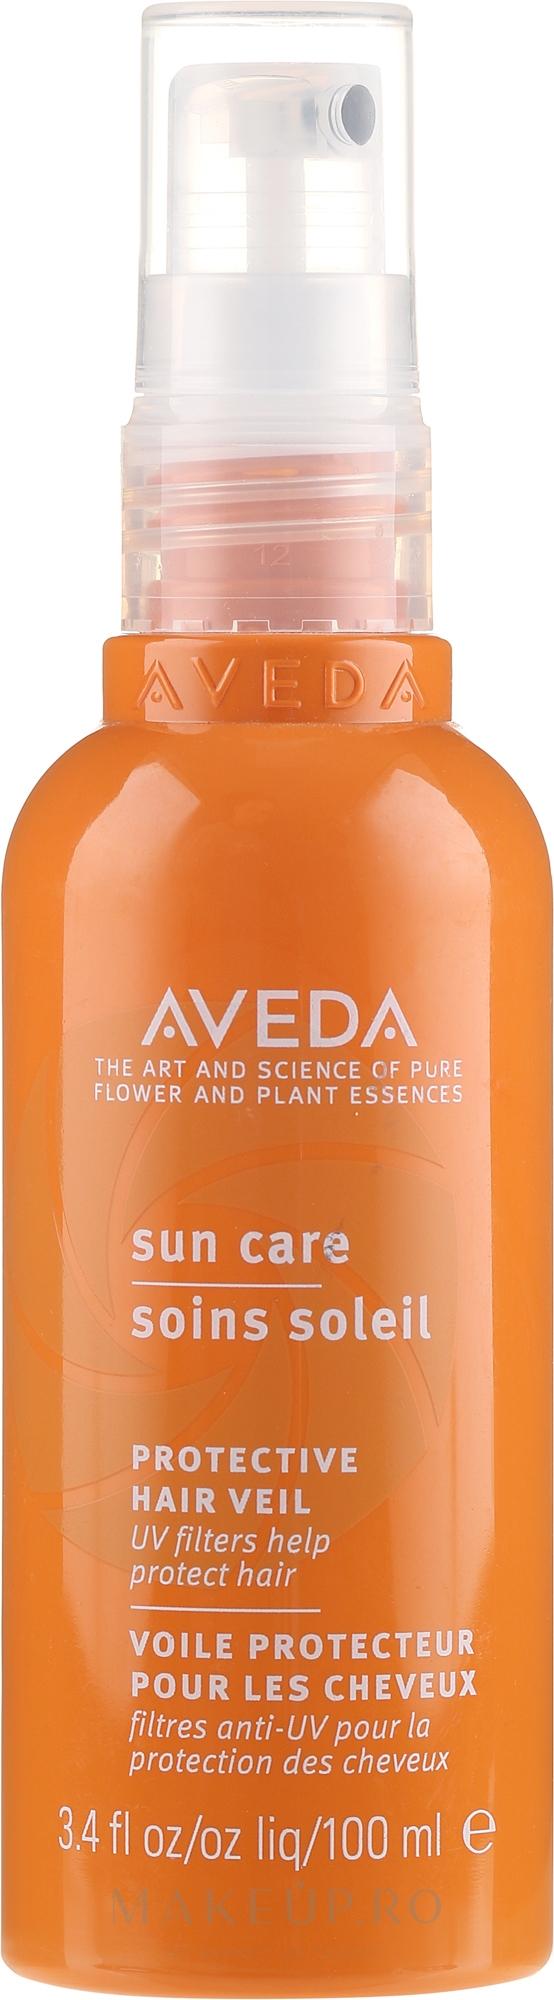 Spray de protecție solară pentru păr - Aveda Sun Care Protective Hair Veil — Imagine 100 ml